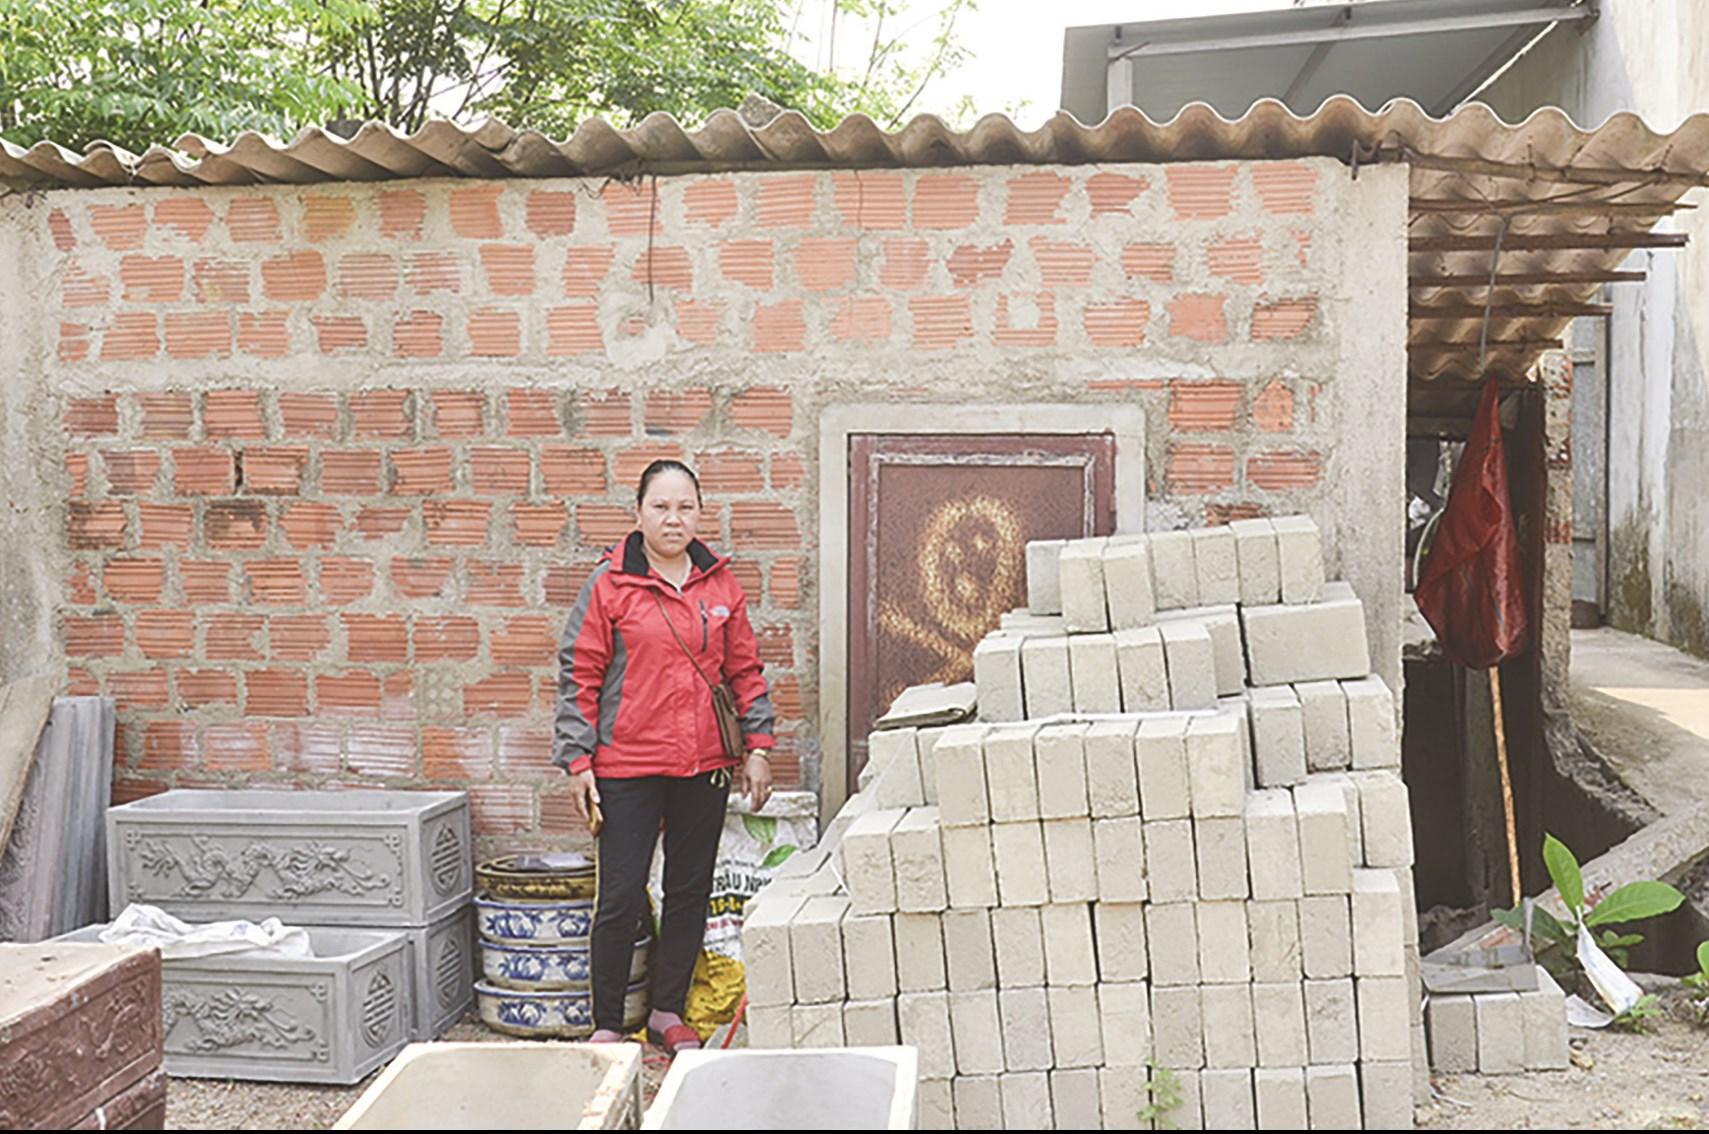 Bà Lê Thị Kiều (vợ ông Trinh) bên ngôi nhà bị ông Lê Hữu Phước xây dựng lấp lối vào.